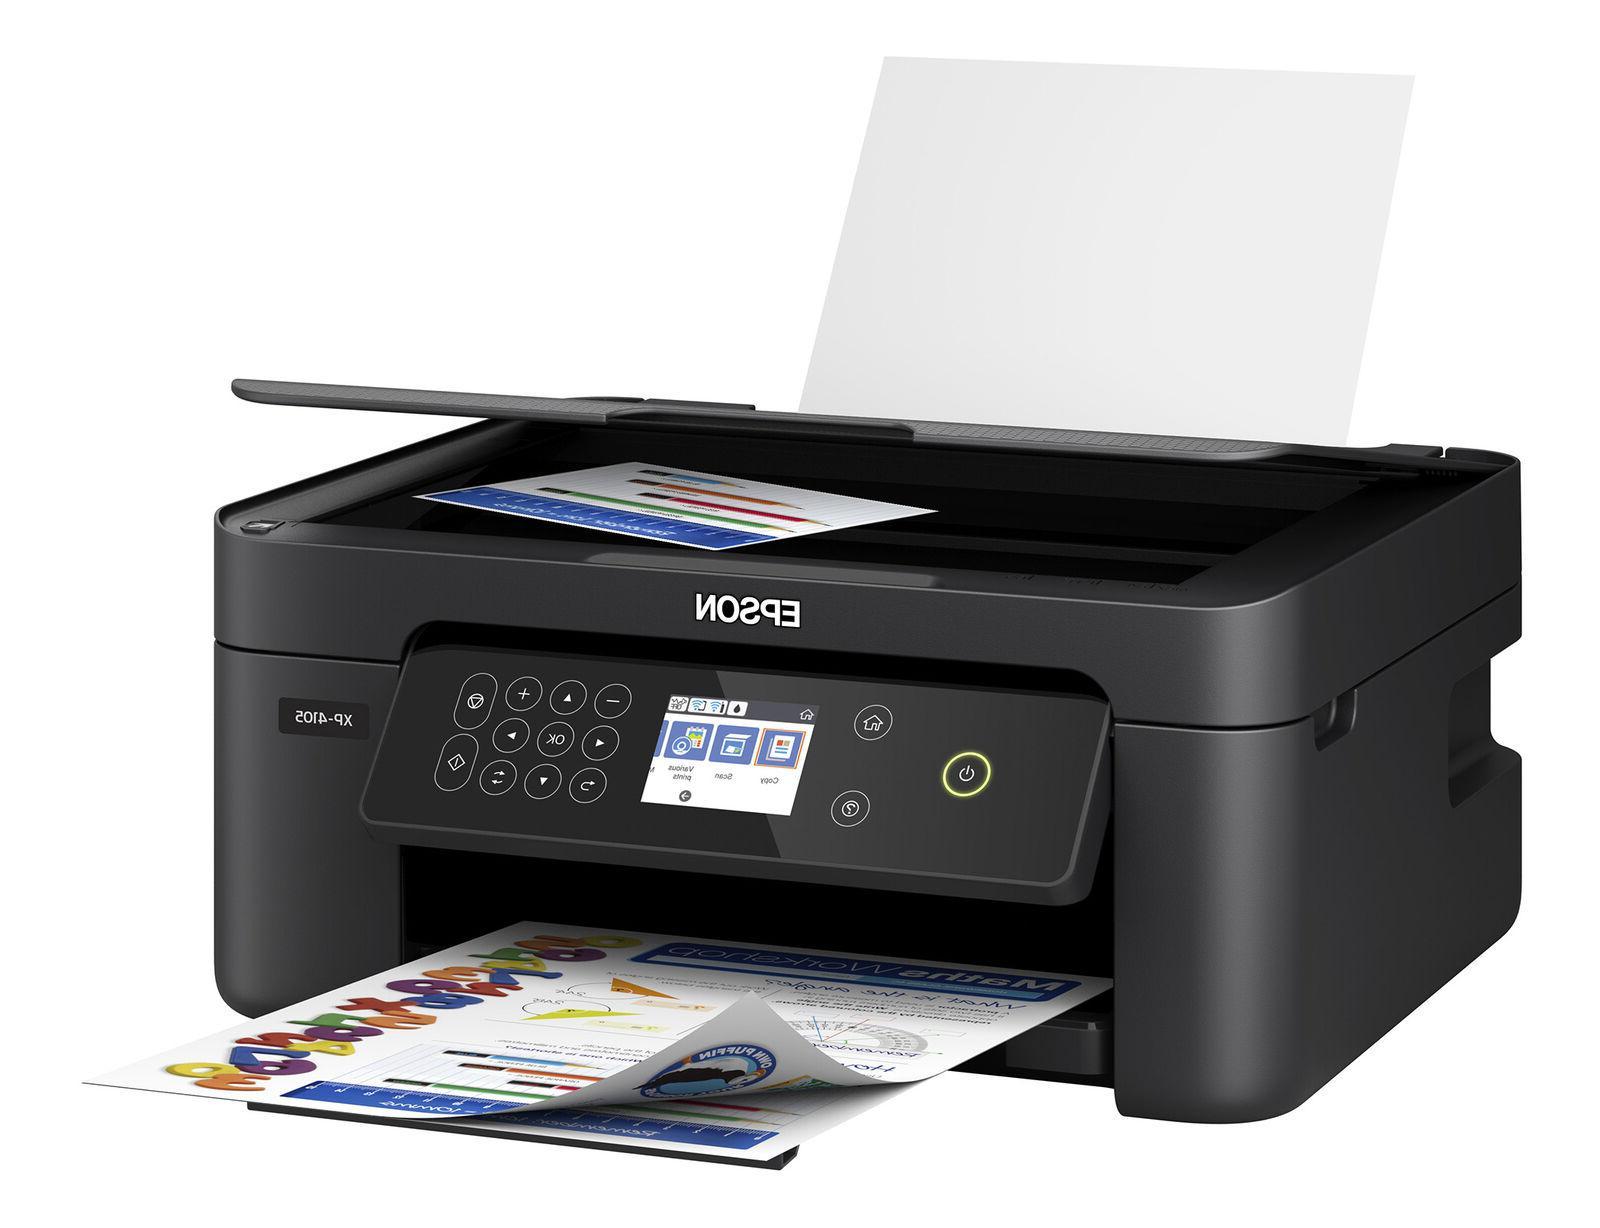 Epson Printer Machine Scanner Copier All-In-One Wireless